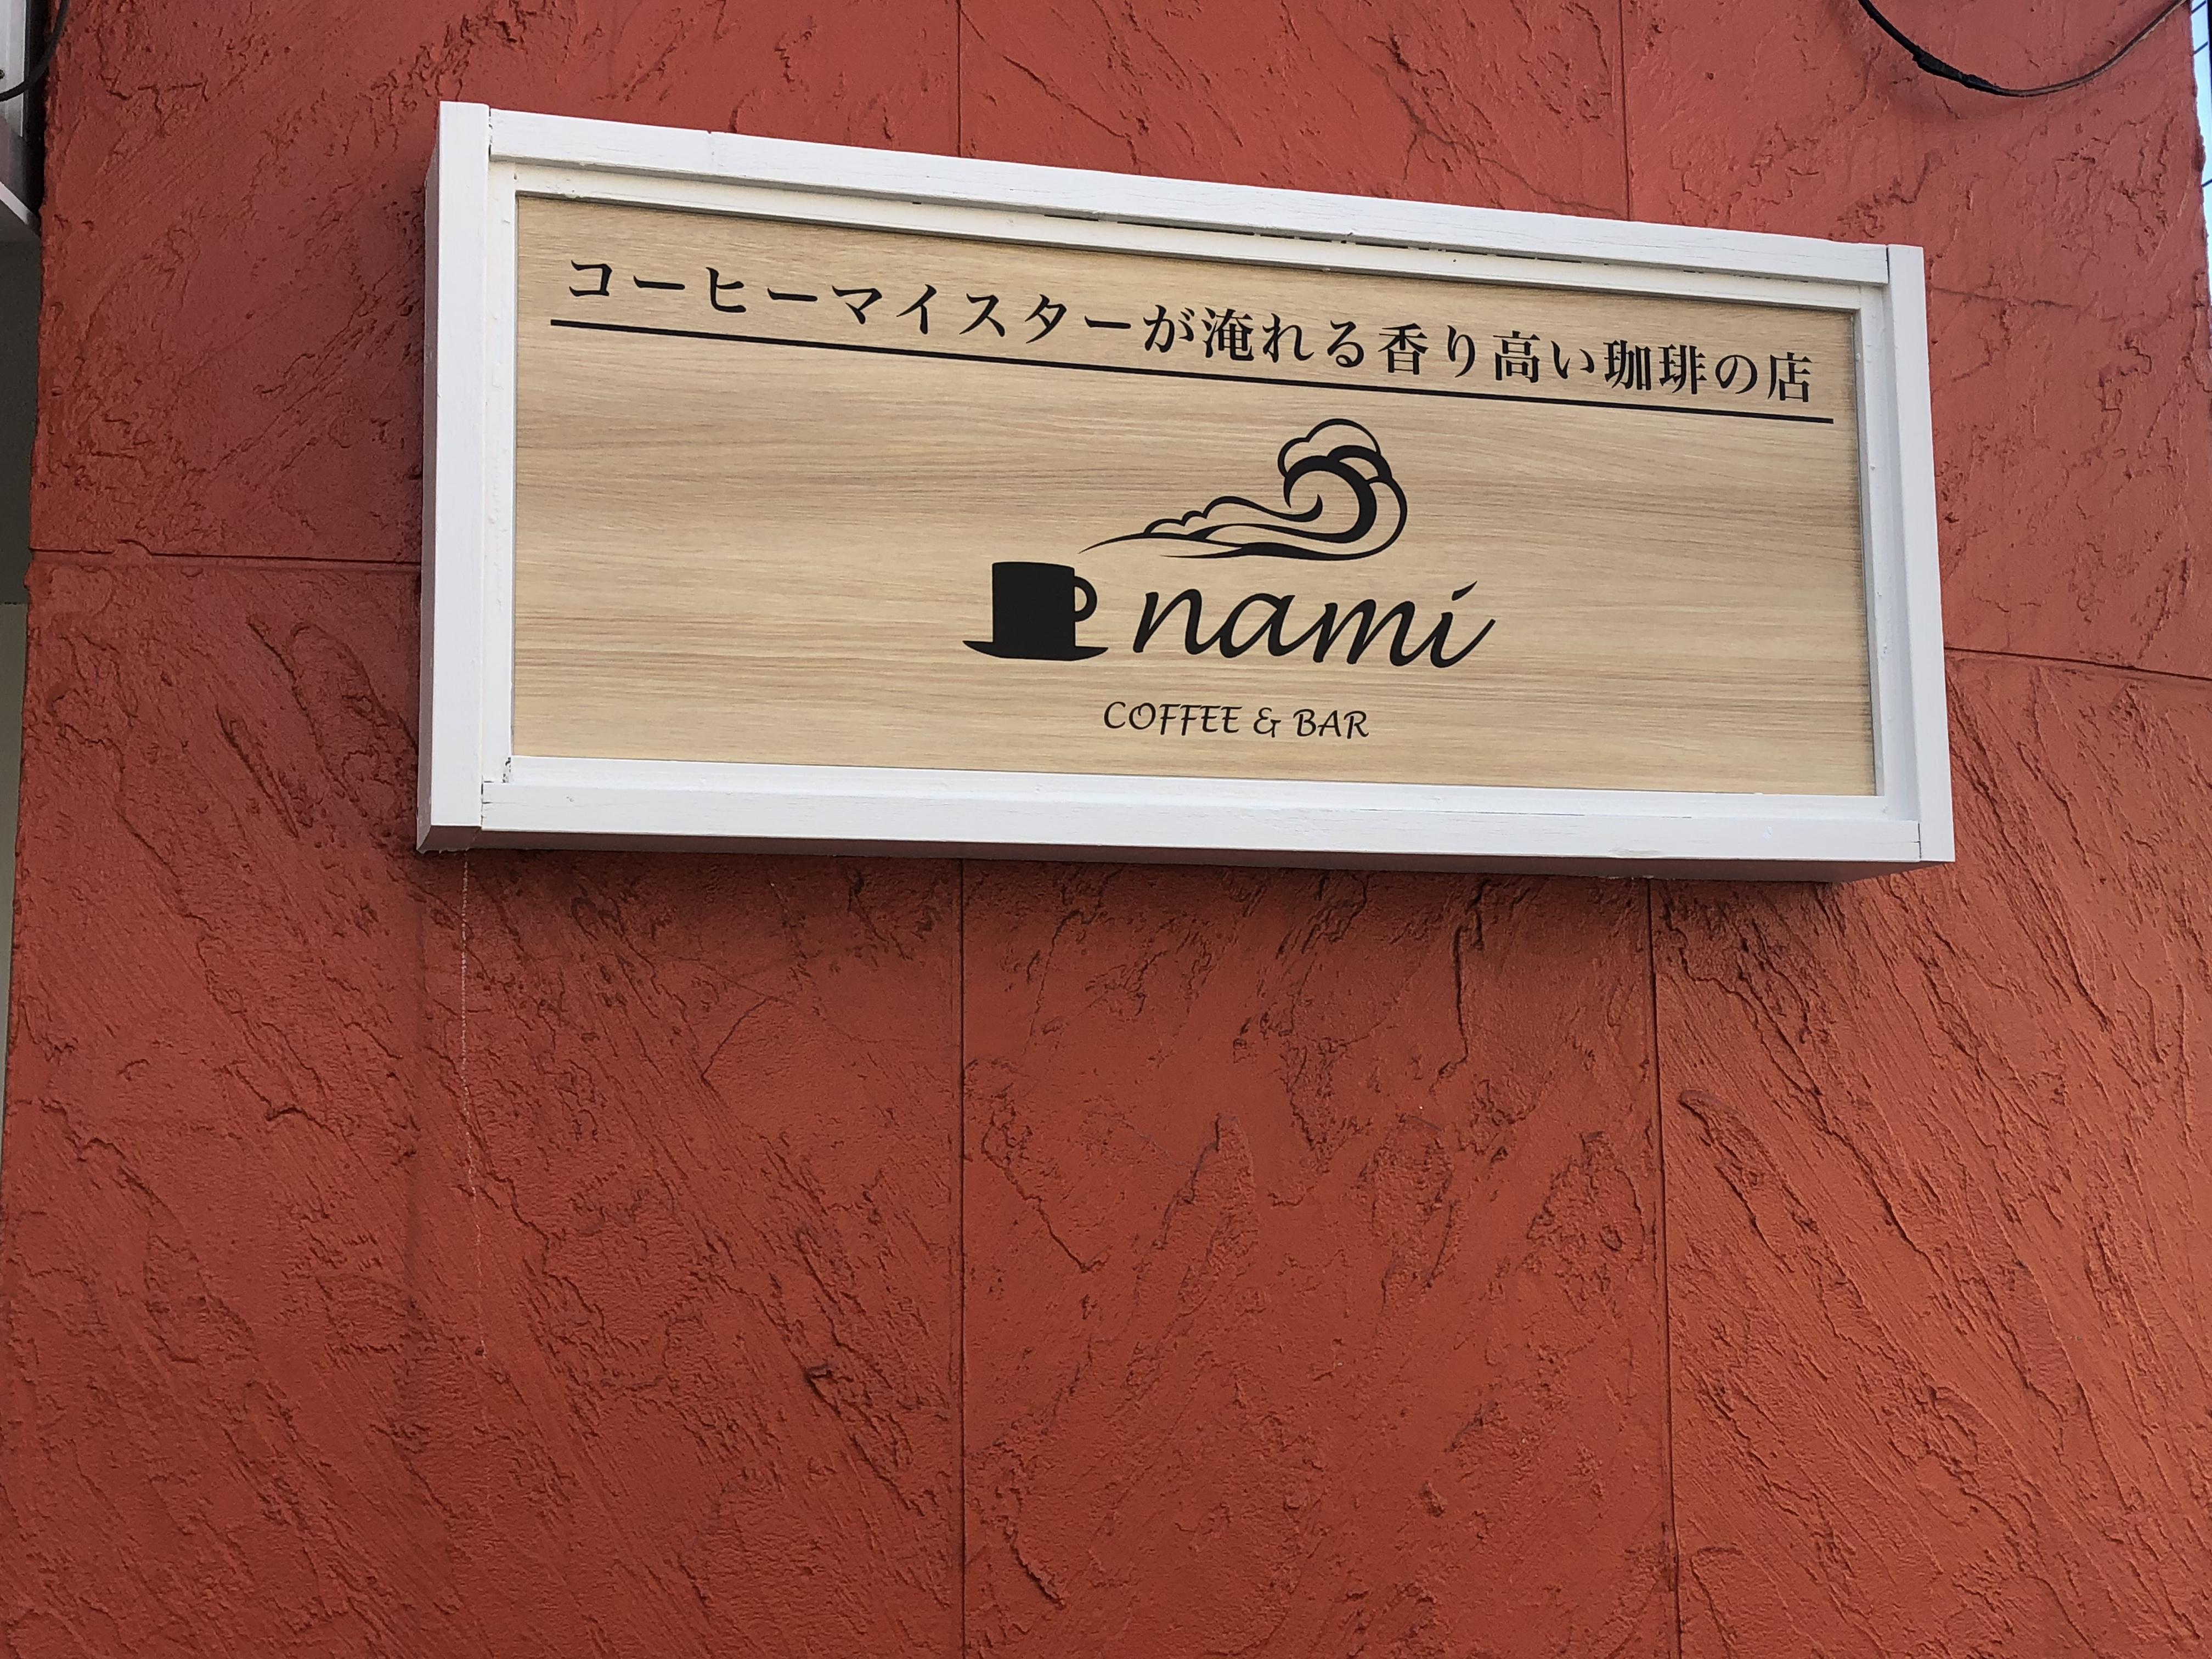 神戸・十二間道路沿いに「コーヒーマイスターが淹れる香り高い珈琲の店 nami」さんが出来てた! #コーヒーマイスター